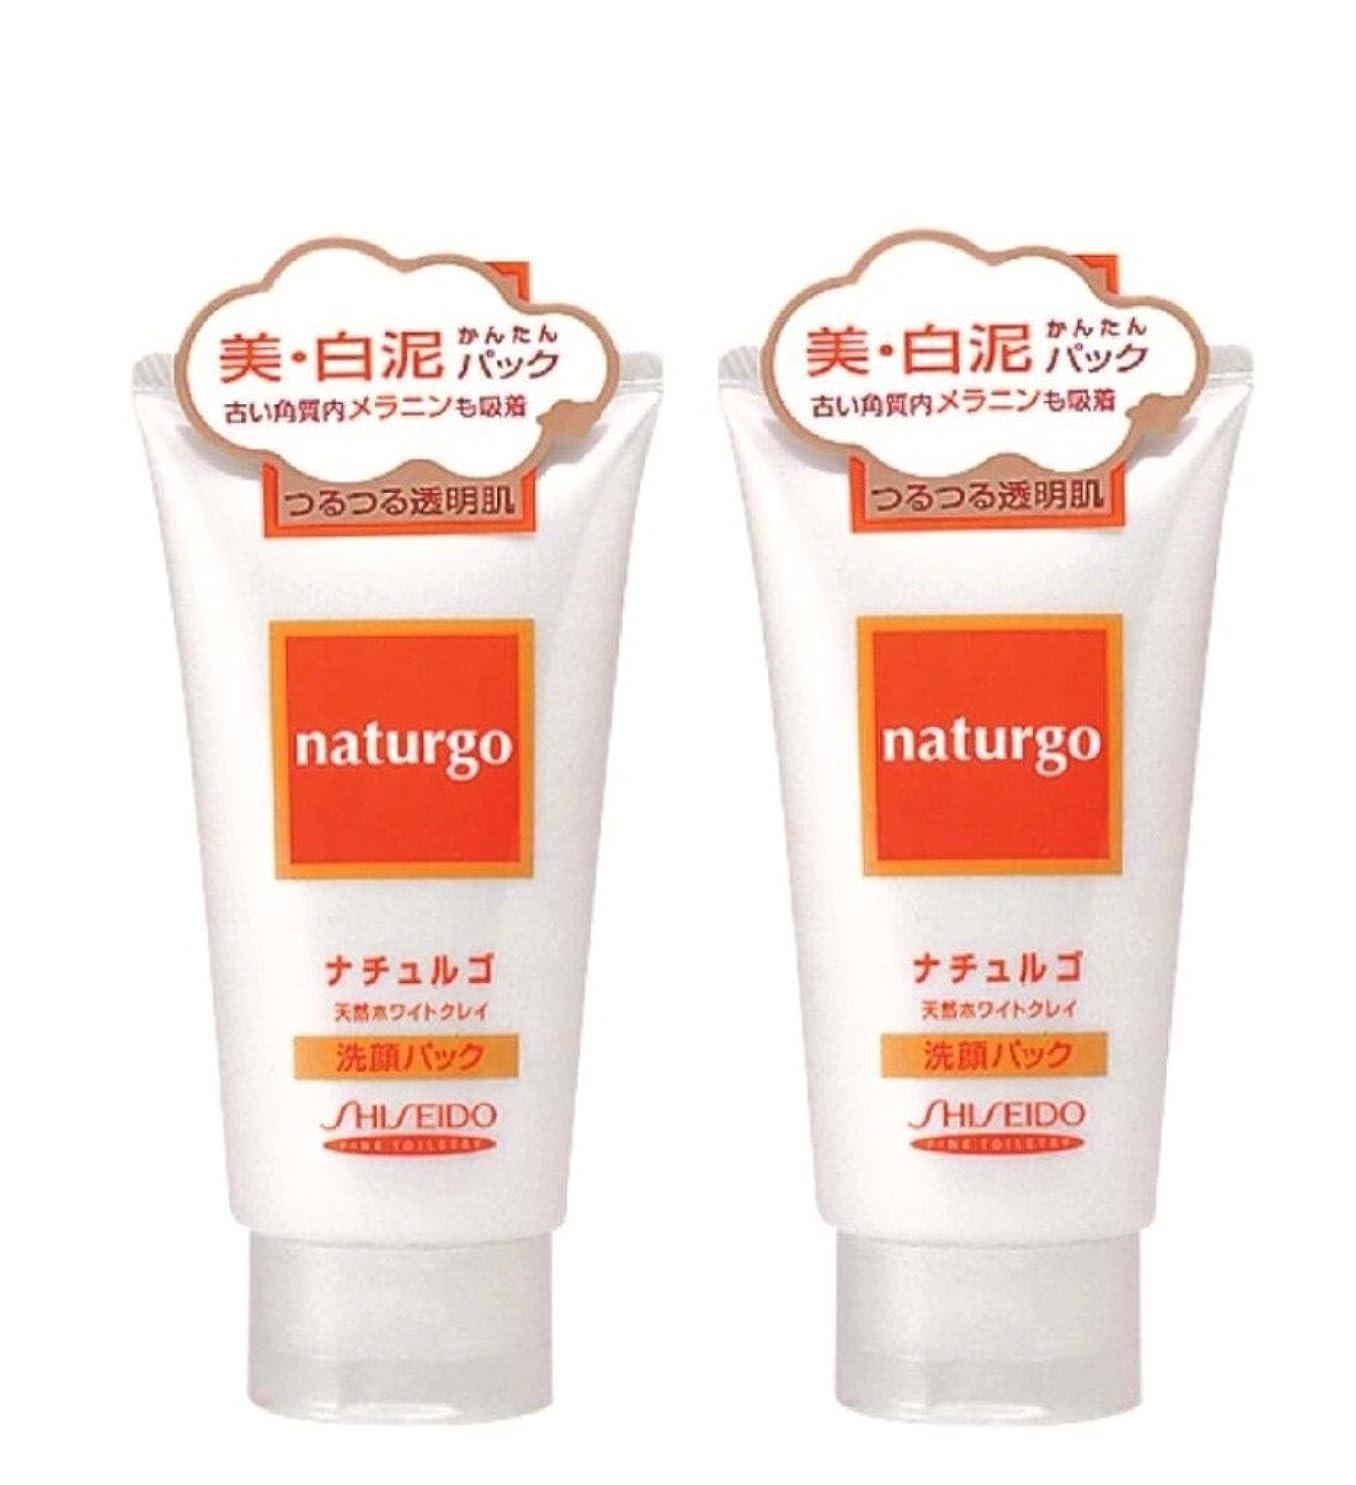 傾向がありますファイルファイル【まとめ買い】ナチュルゴ 天然ホワイトクレイ洗顔パック 120g ×2セット